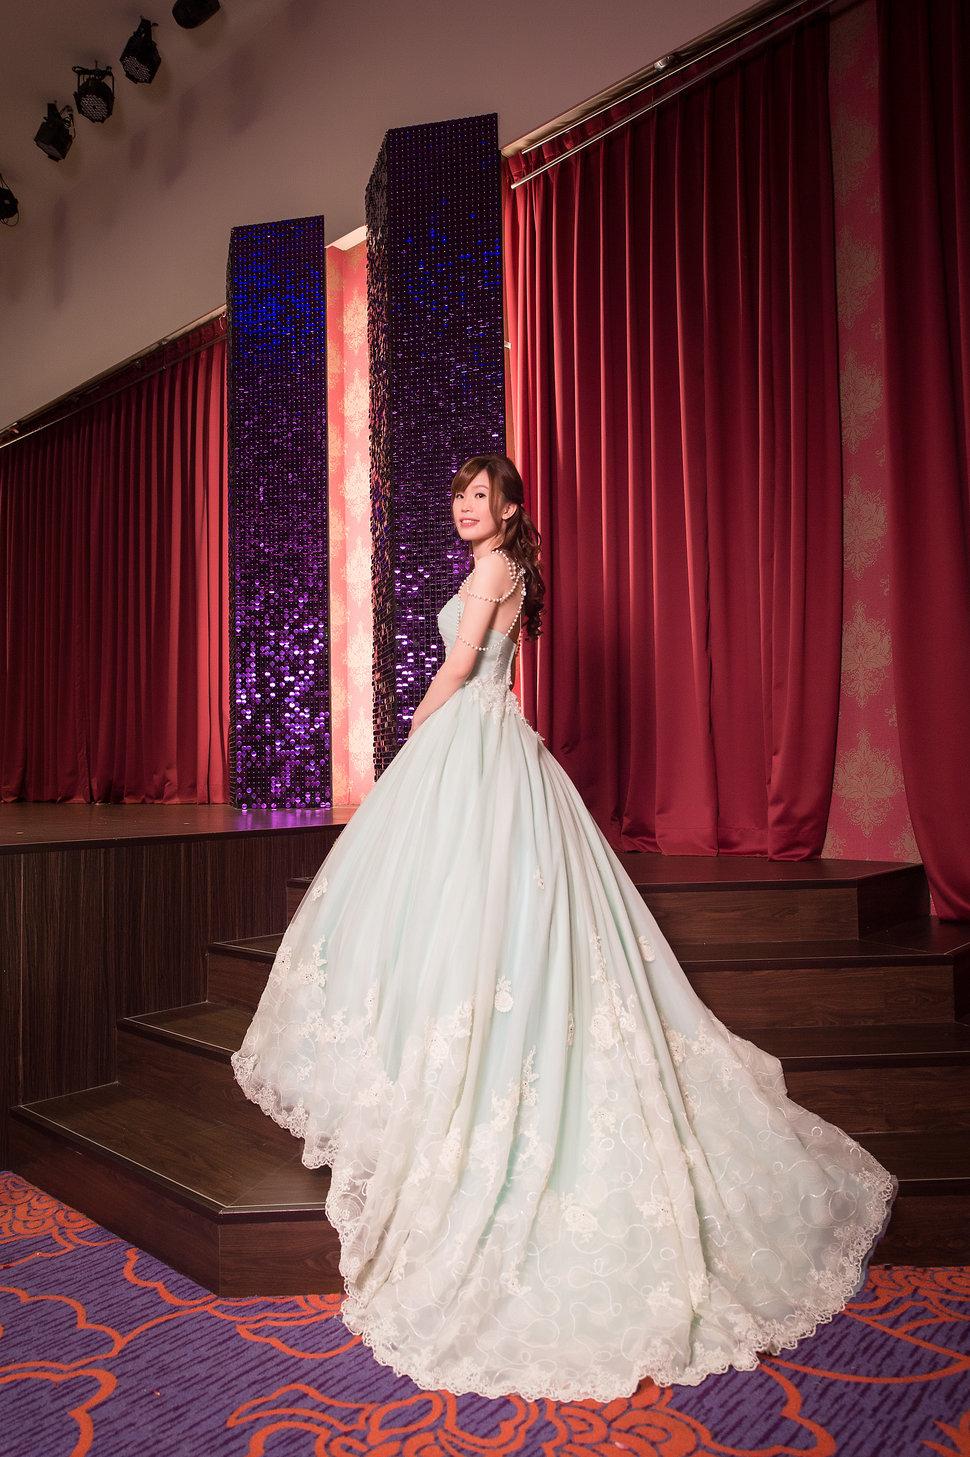 [桃園婚攝] 文訂迎娶&海豐餐廳(編號:433184) - Allen影像團隊 Love Story - 結婚吧